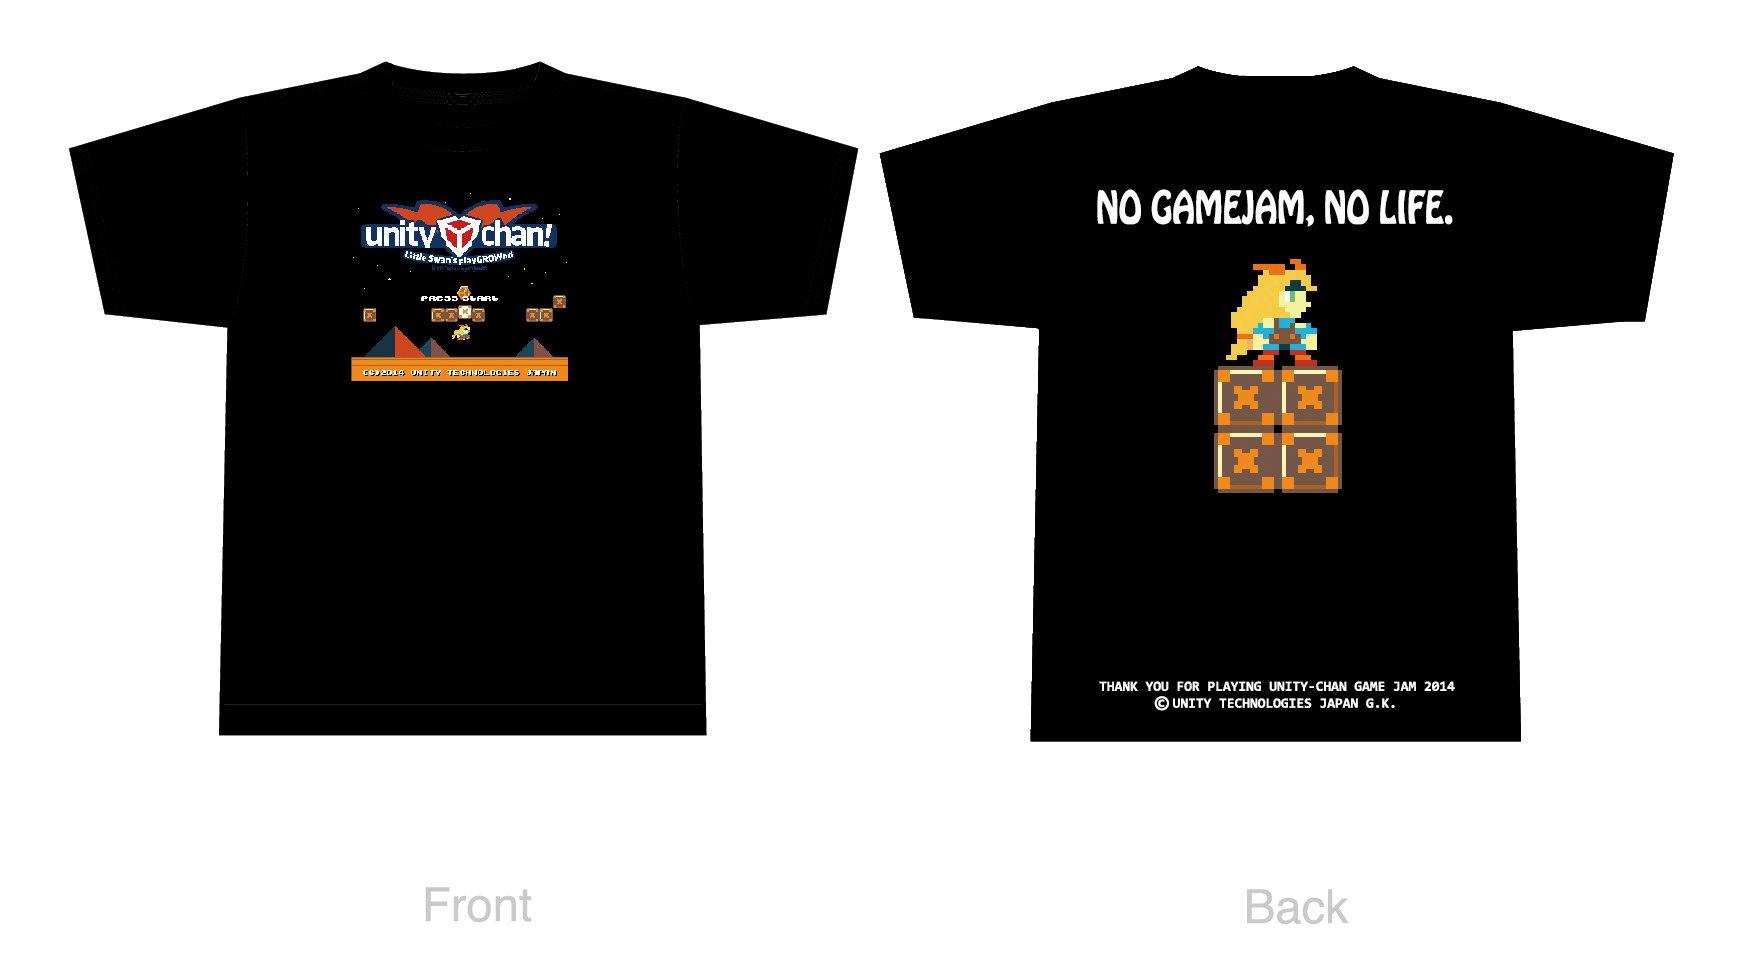 ユニティちゃんゲームジャム 2013特製Tシャツ